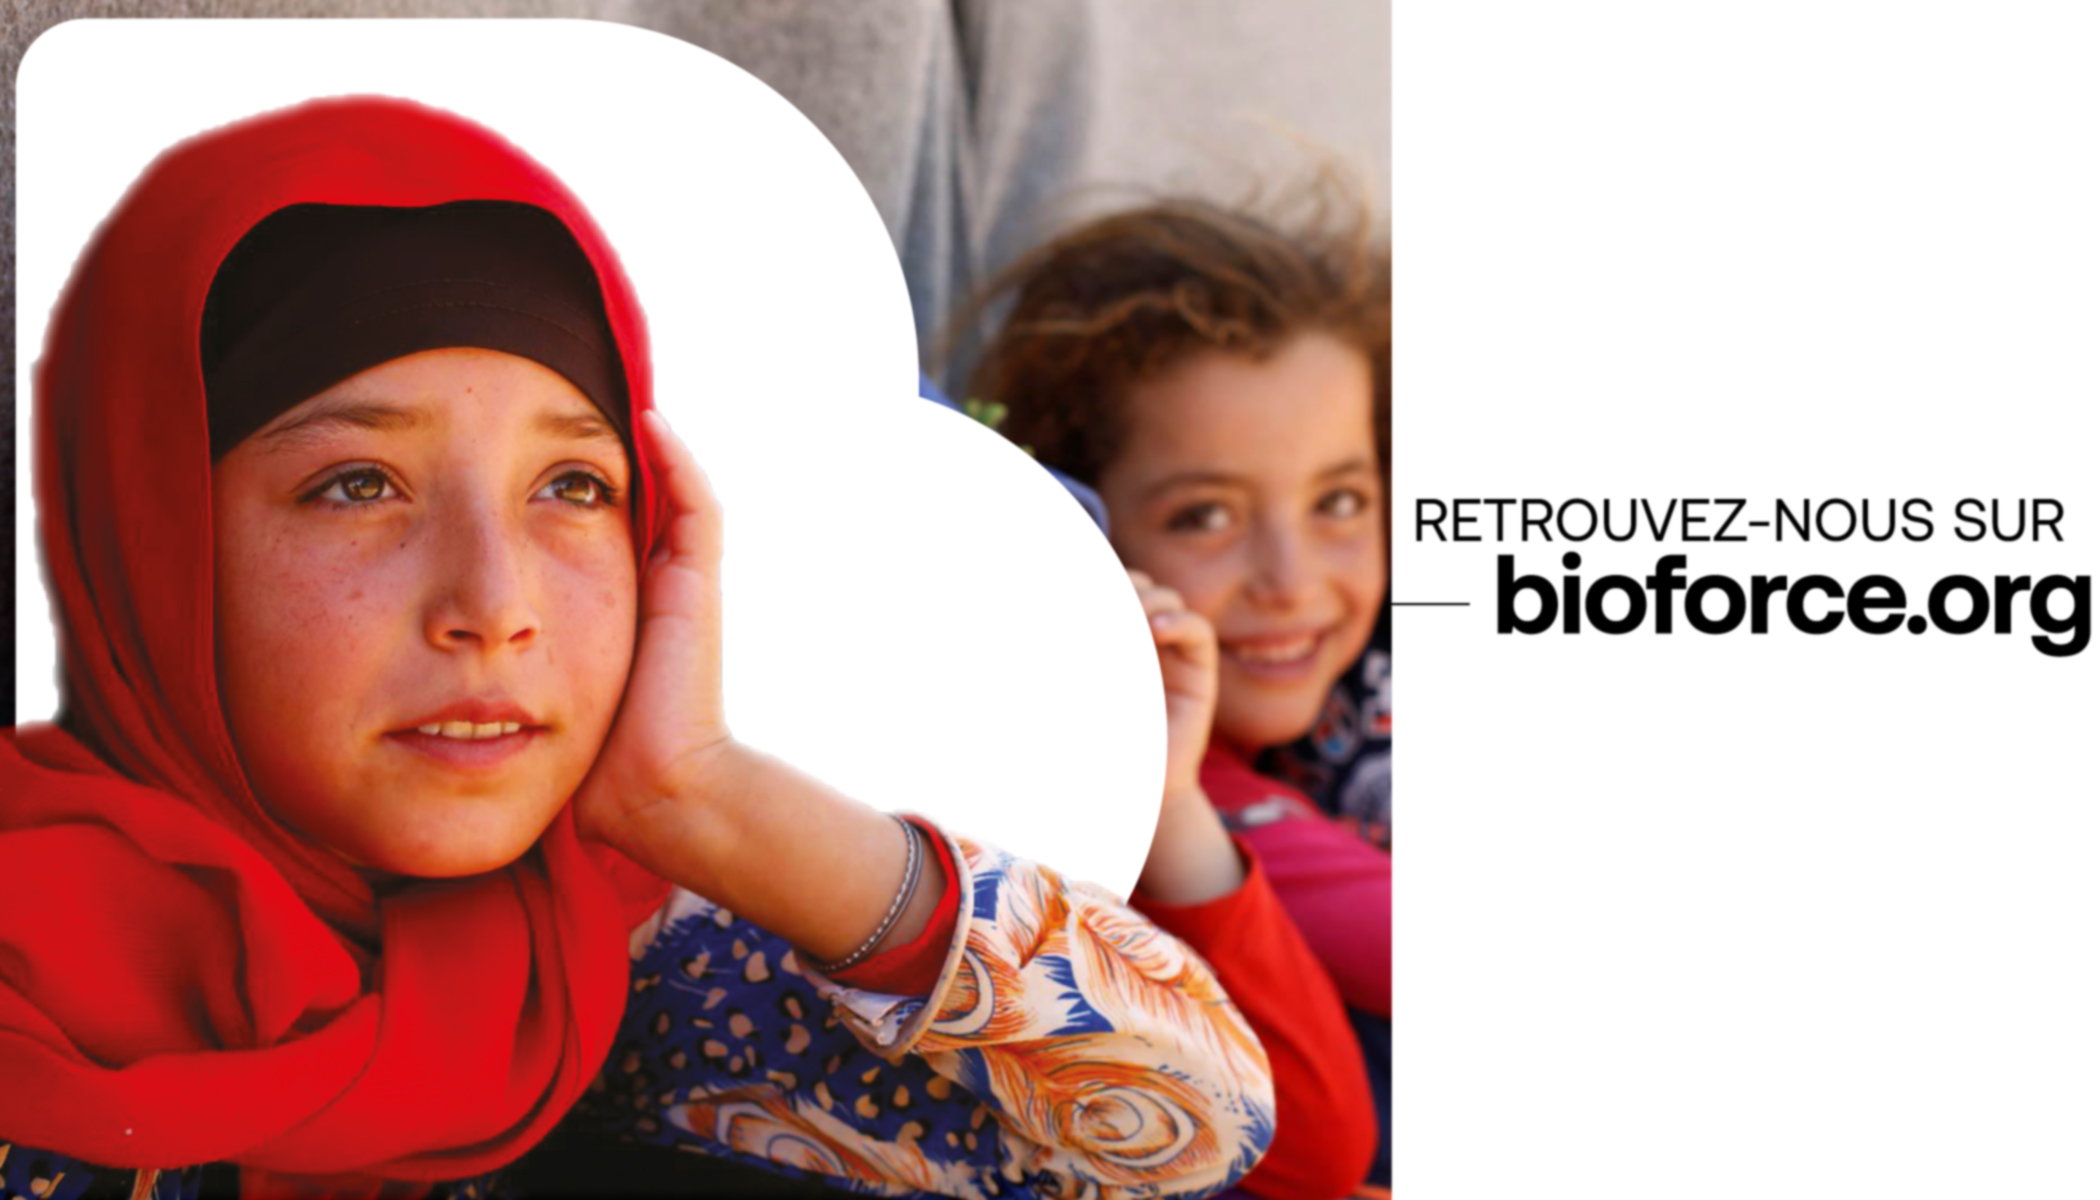 retrouvez-nous sur notre site internet : www.bioforce.org